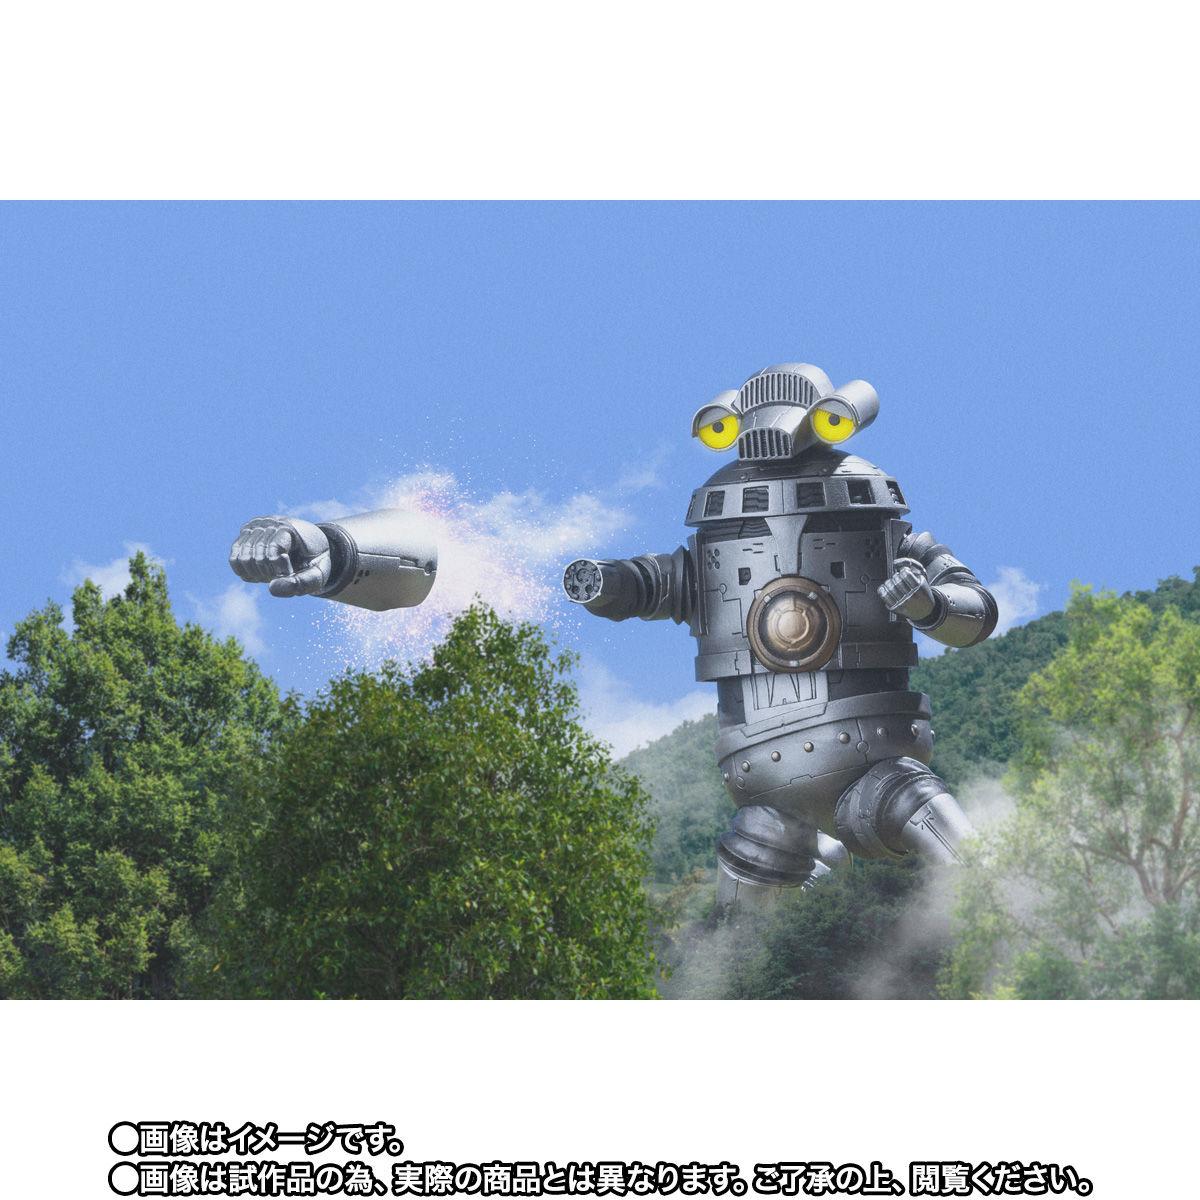 【限定販売】S.H.Figuarts『対怪獣特殊空挺機甲1号機 セブンガー』ウルトラマンZ 可動フィギュア-007